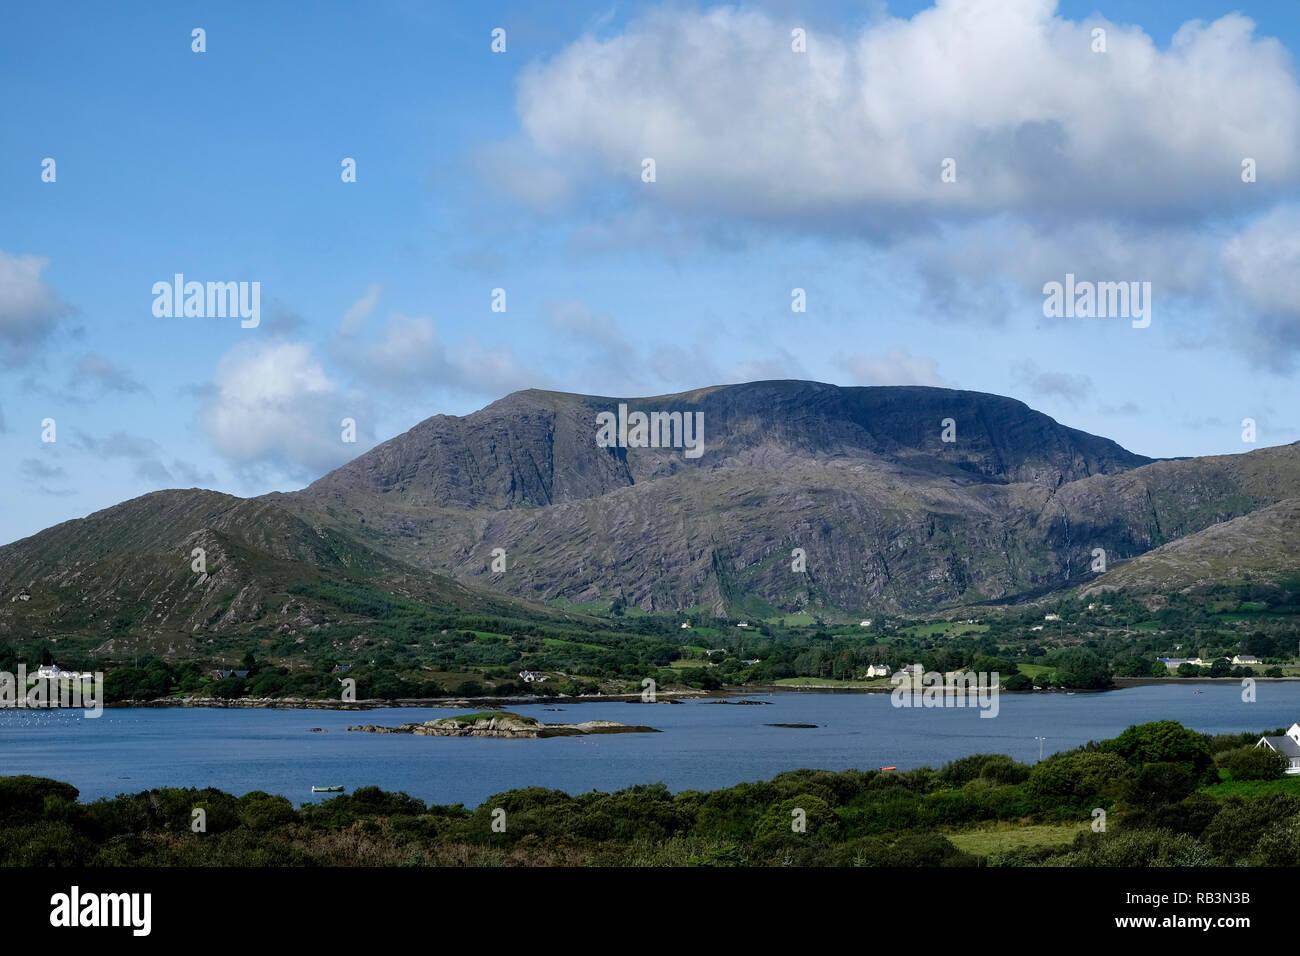 Vista desde el enfoque de Adrigole R572 mirando a través de la Bahía de Bantry para hambrientos Hill en la península de Beara, Condado de Cork, Irlanda, Foto de stock